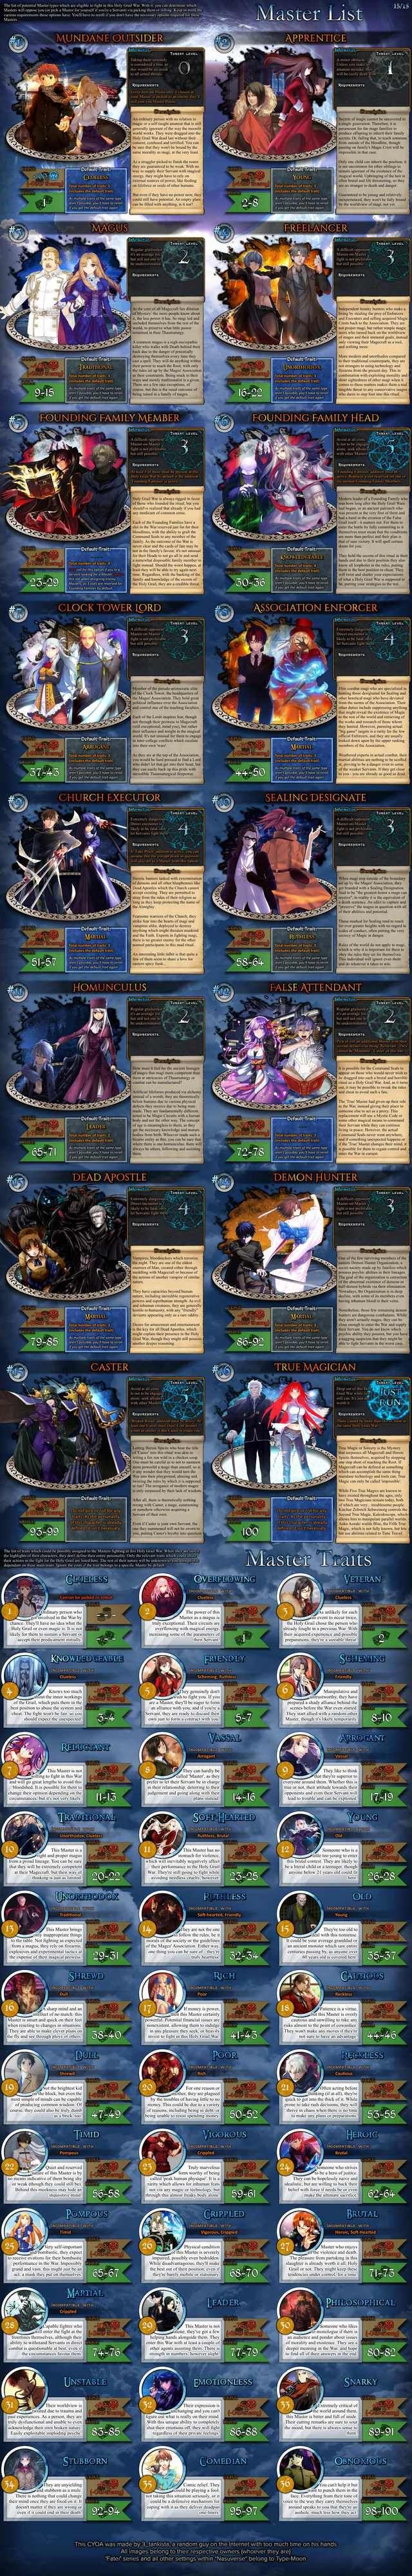 Fate/Another Pretender Update 1 Cyoa, Fate, Fate stay